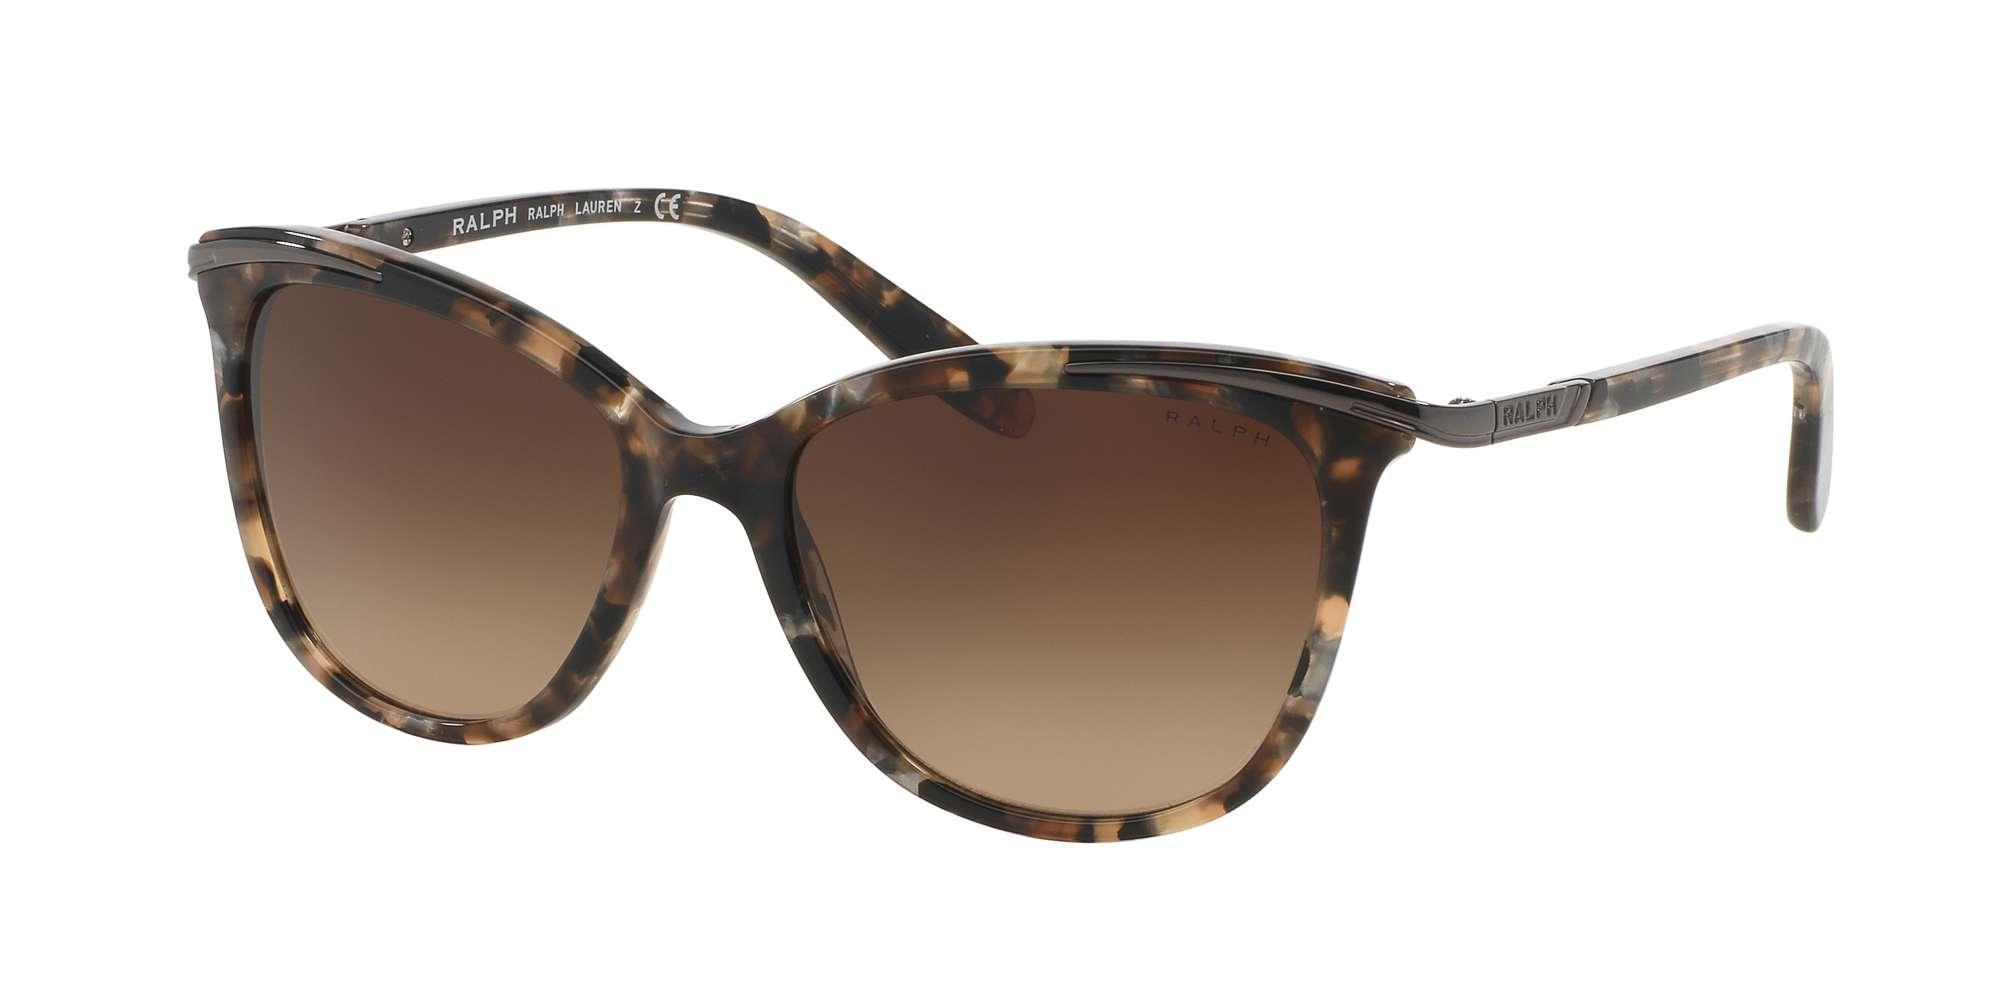 BROWN MARBLE / DARK BROWN GRADIENT lenses